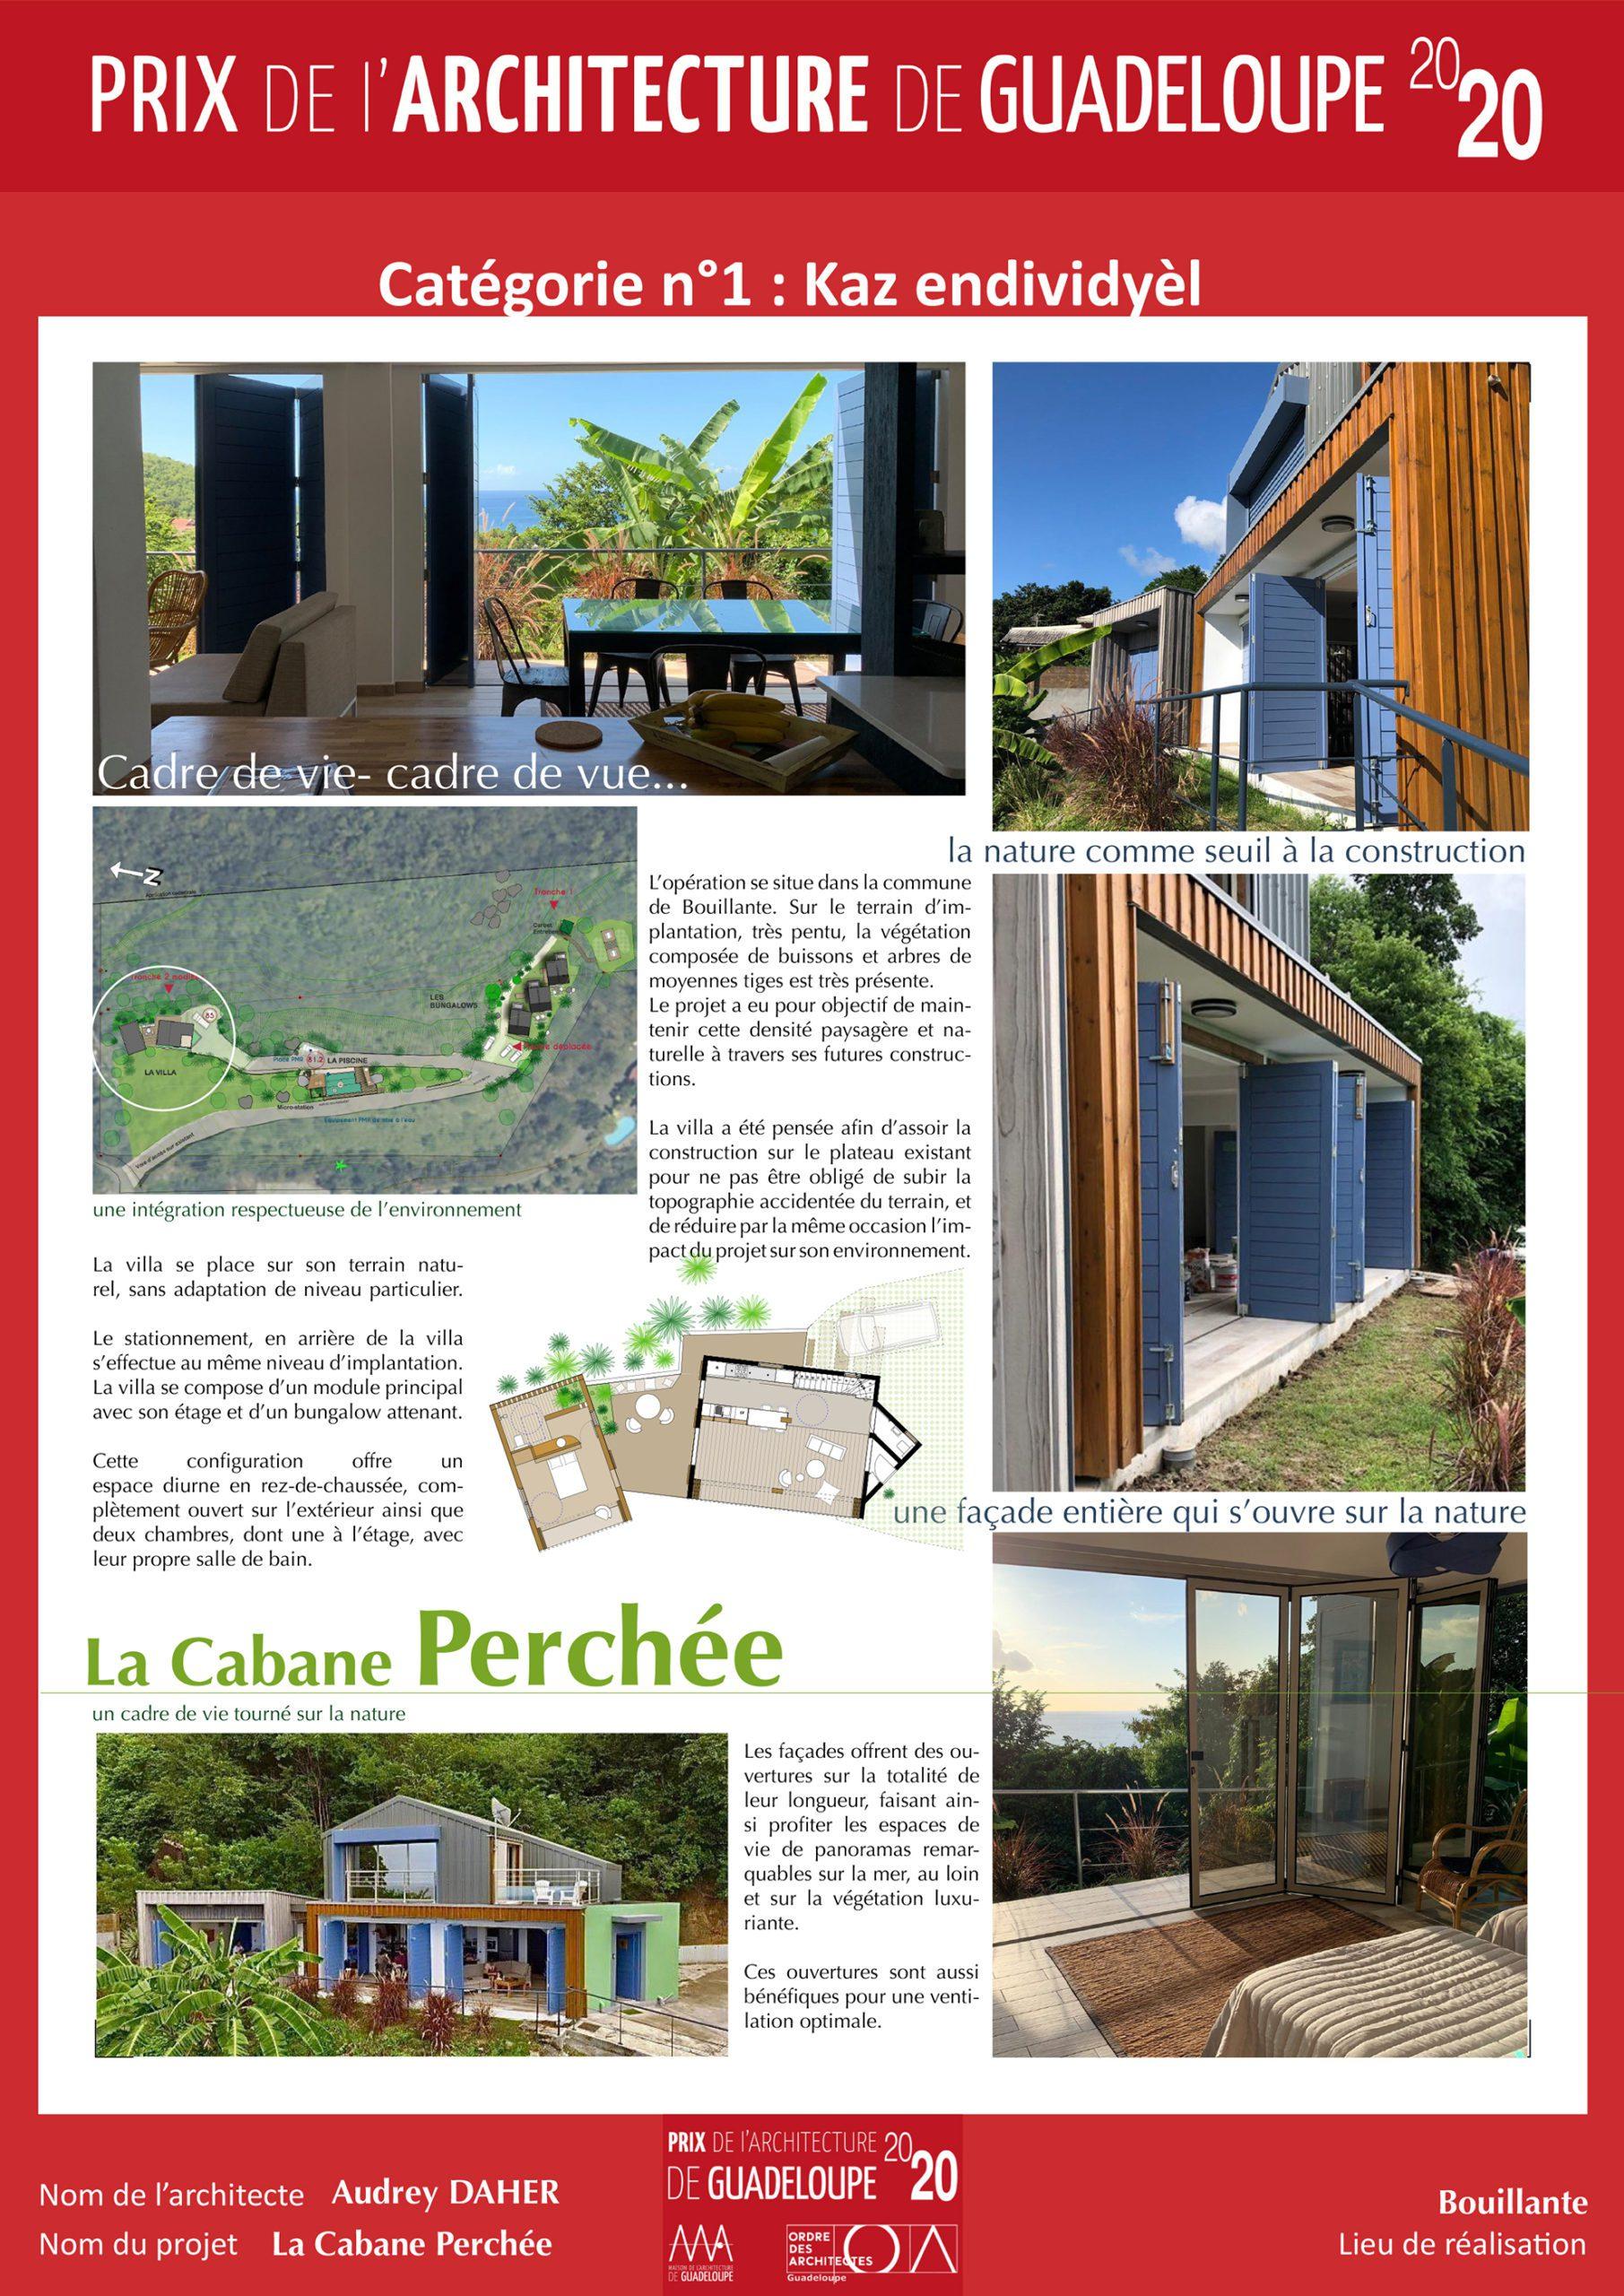 La Cabane Perchée (Audrey Daher)